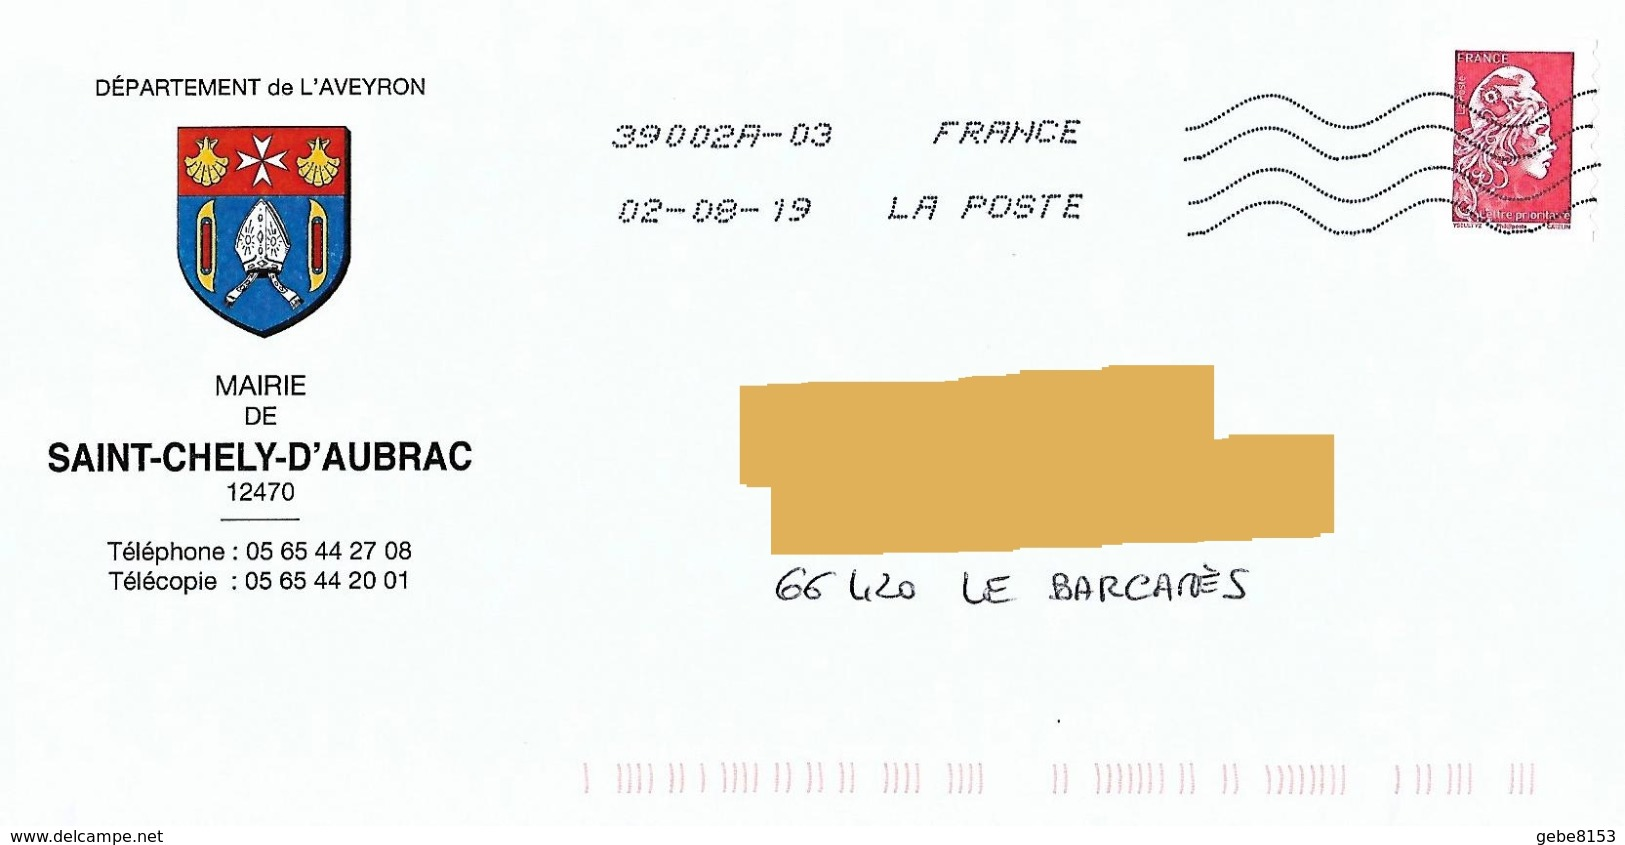 Blason Mairie St Chély D'Aubrac Aveyron Coqiolle Saint Jacques Croix Malte Mitre Toshiba - Covers